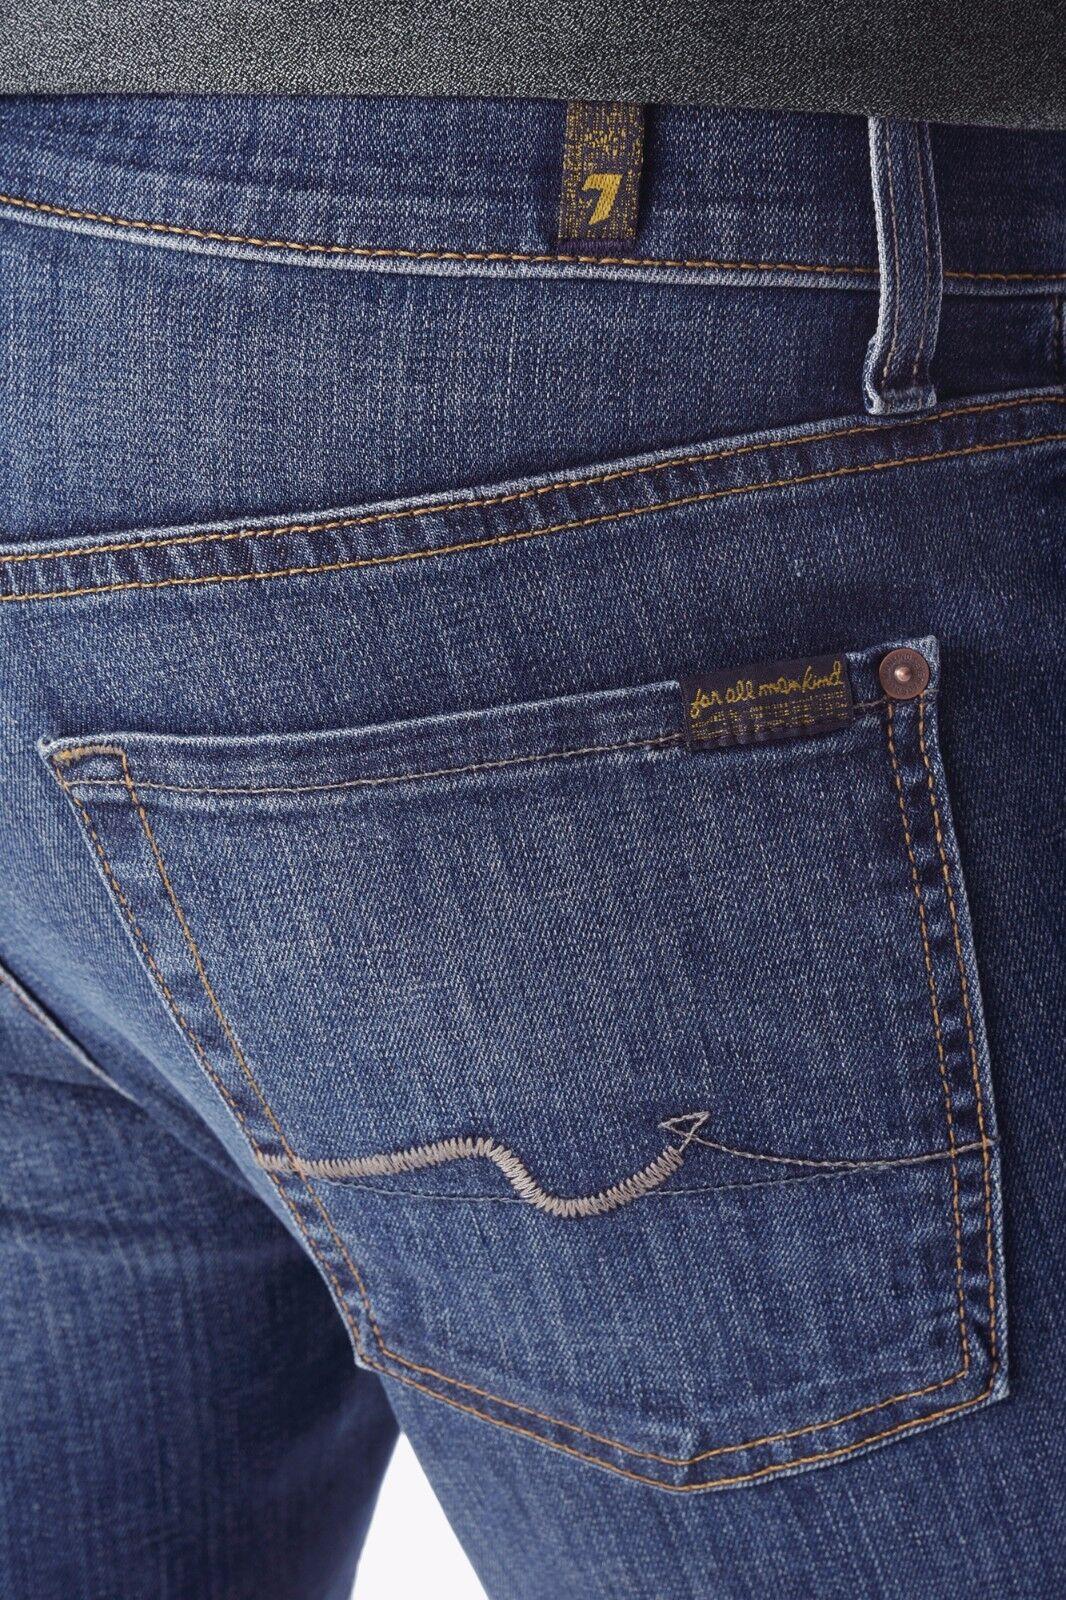 Nwt 7 für Alle Sz40 Slimmy Schmal Gerades Bein Jeans Medium Blau Huvw